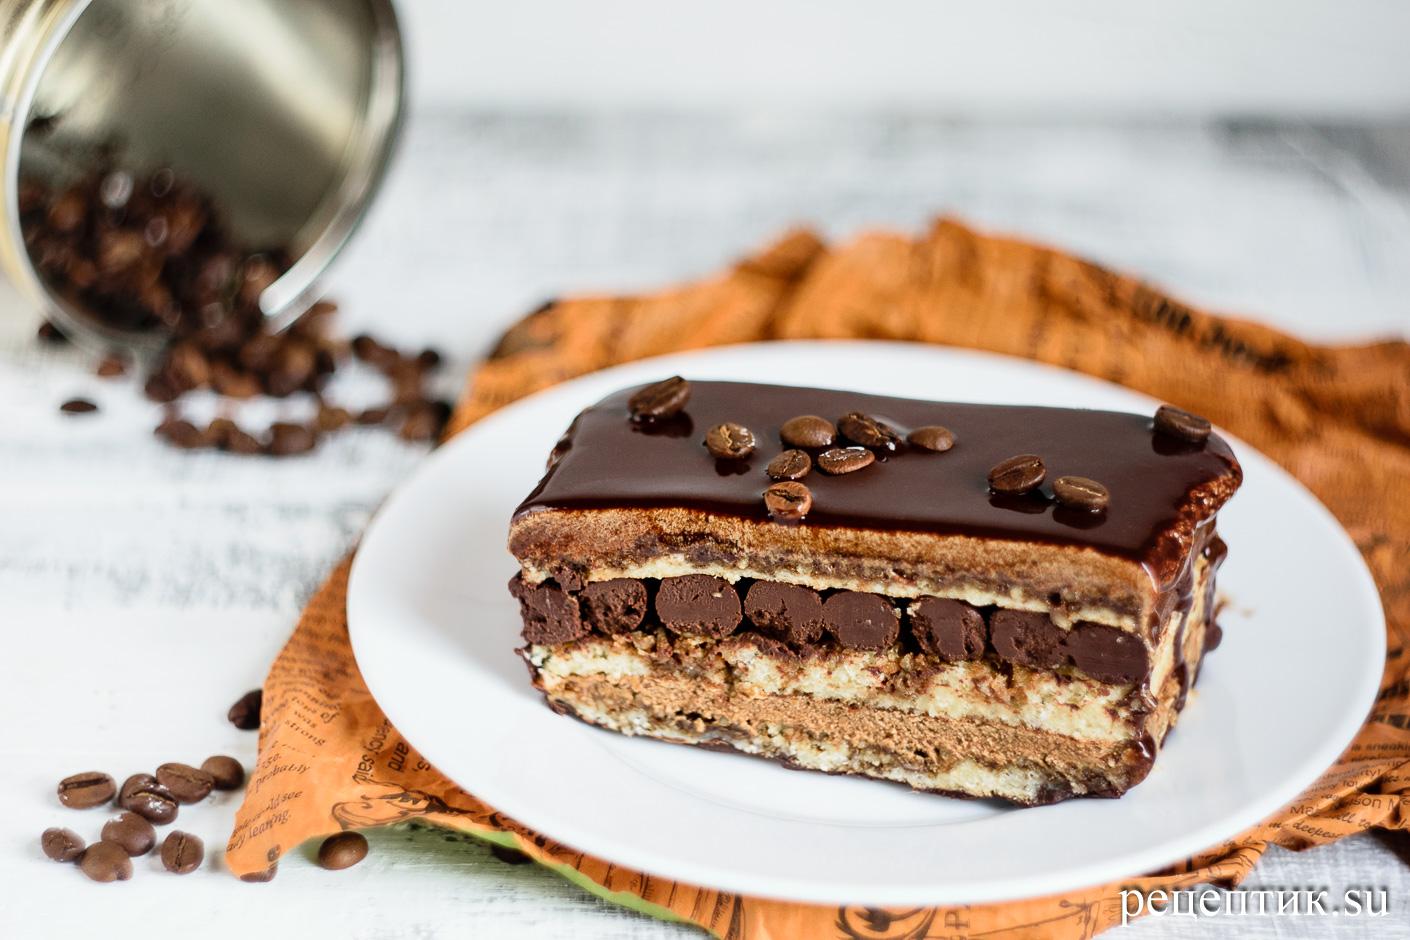 Торт «Опера» — классический французский десерт - рецепт с фото, результат